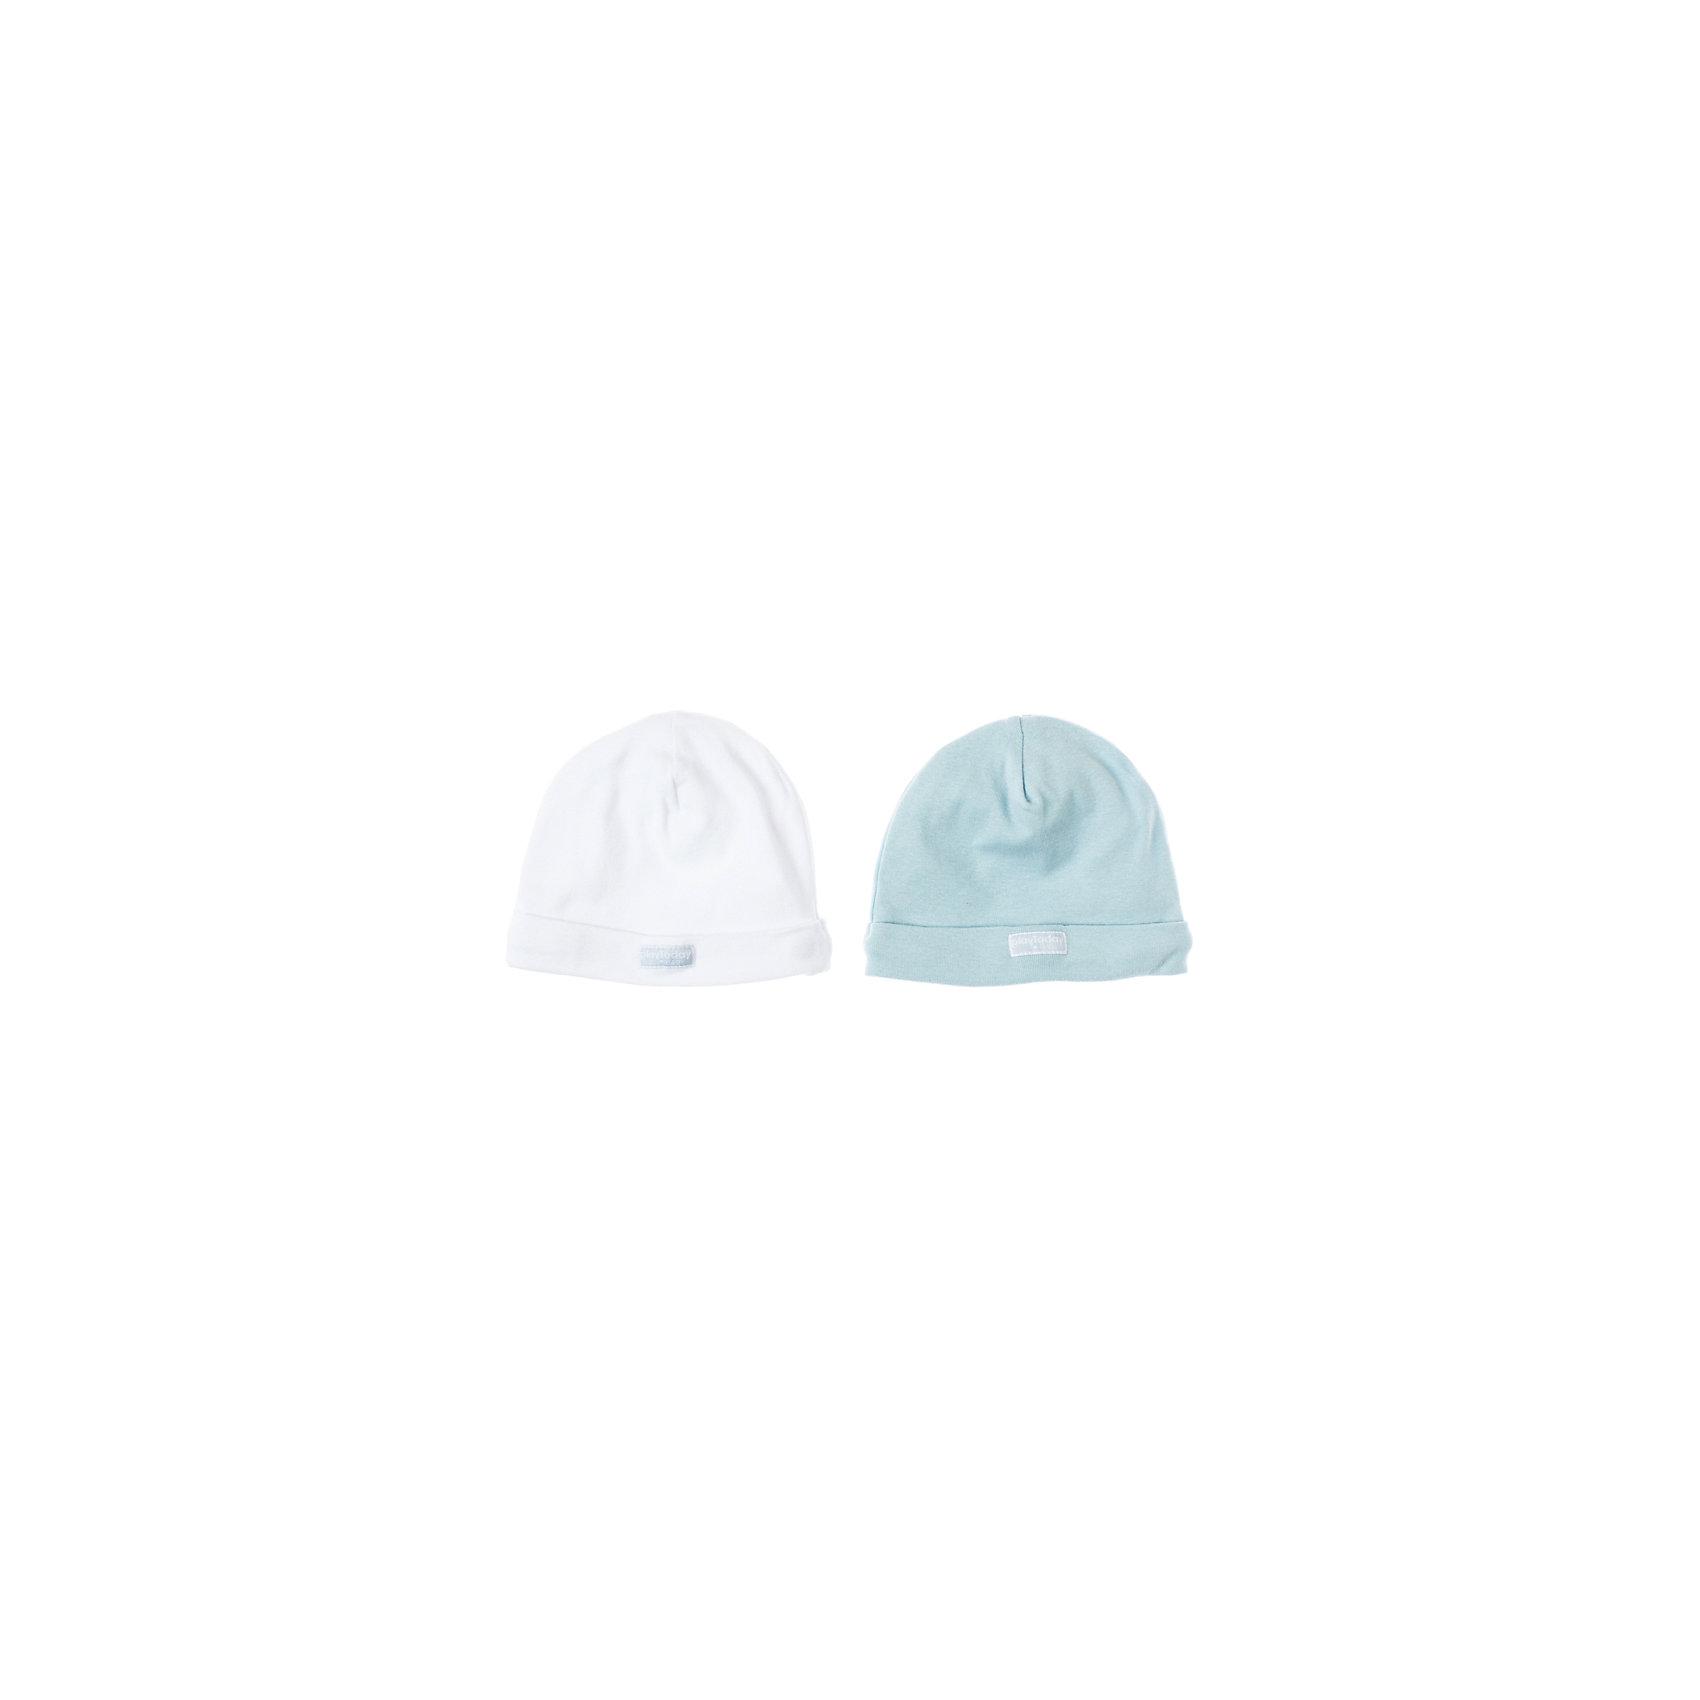 Шапка (2 шт.) для мальчика PlayTodayШапочки<br>Шапка (2 шт.) для мальчика PlayToday Комплект из двух хлопковых шапочек для новорожденного. Состав: 100% хлопок<br><br>Ширина мм: 89<br>Глубина мм: 117<br>Высота мм: 44<br>Вес г: 155<br>Цвет: белый<br>Возраст от месяцев: 3<br>Возраст до месяцев: 3<br>Пол: Мужской<br>Возраст: Детский<br>Размер: 42,40,44<br>SKU: 4229211